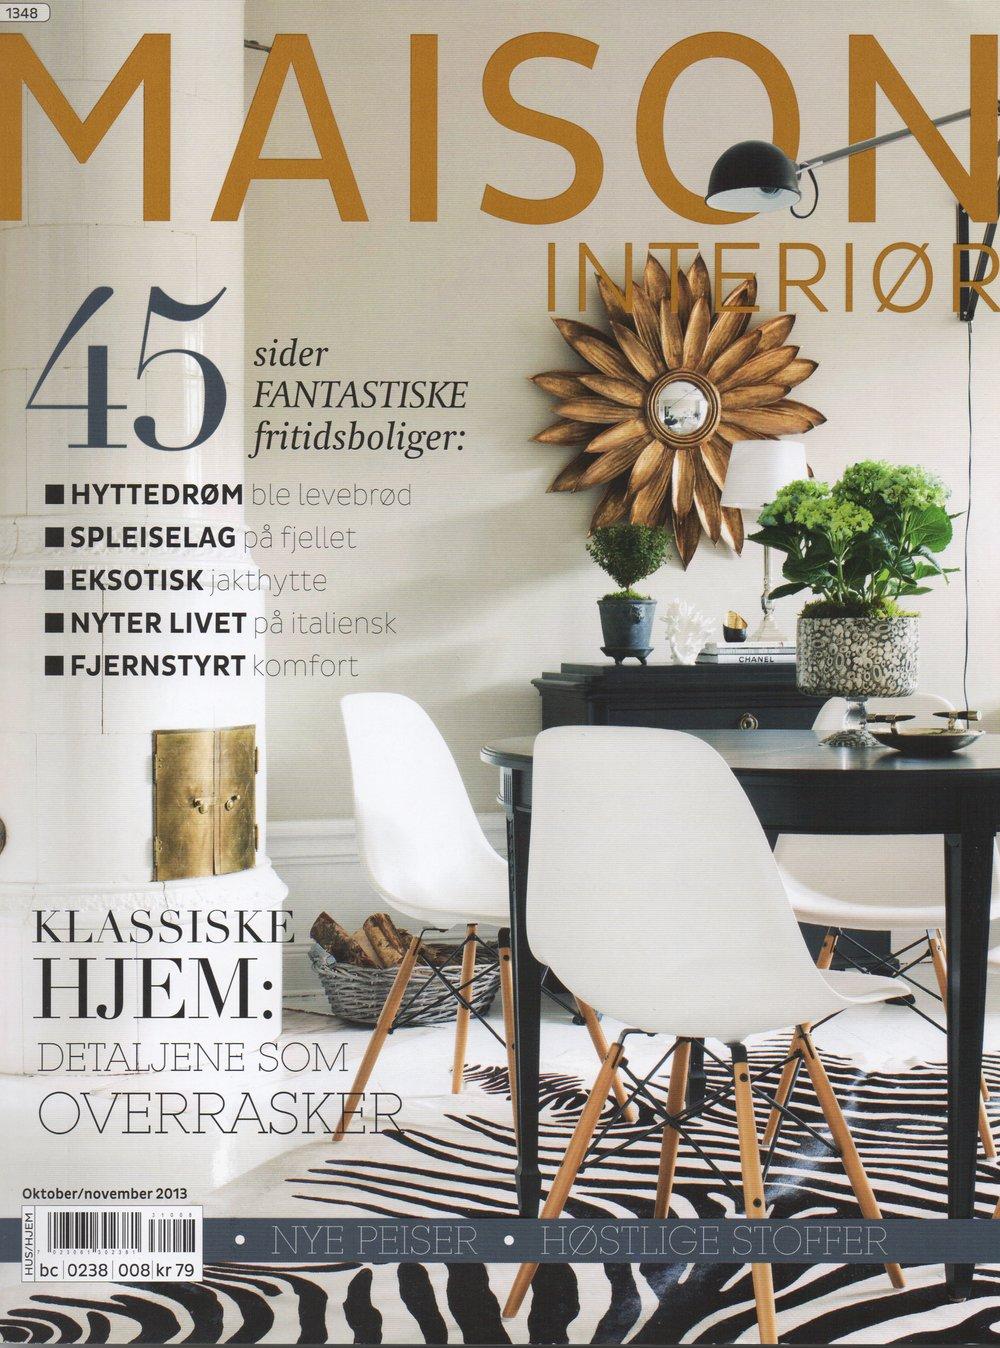 Norwegian Magazine Maison Interior, 2013